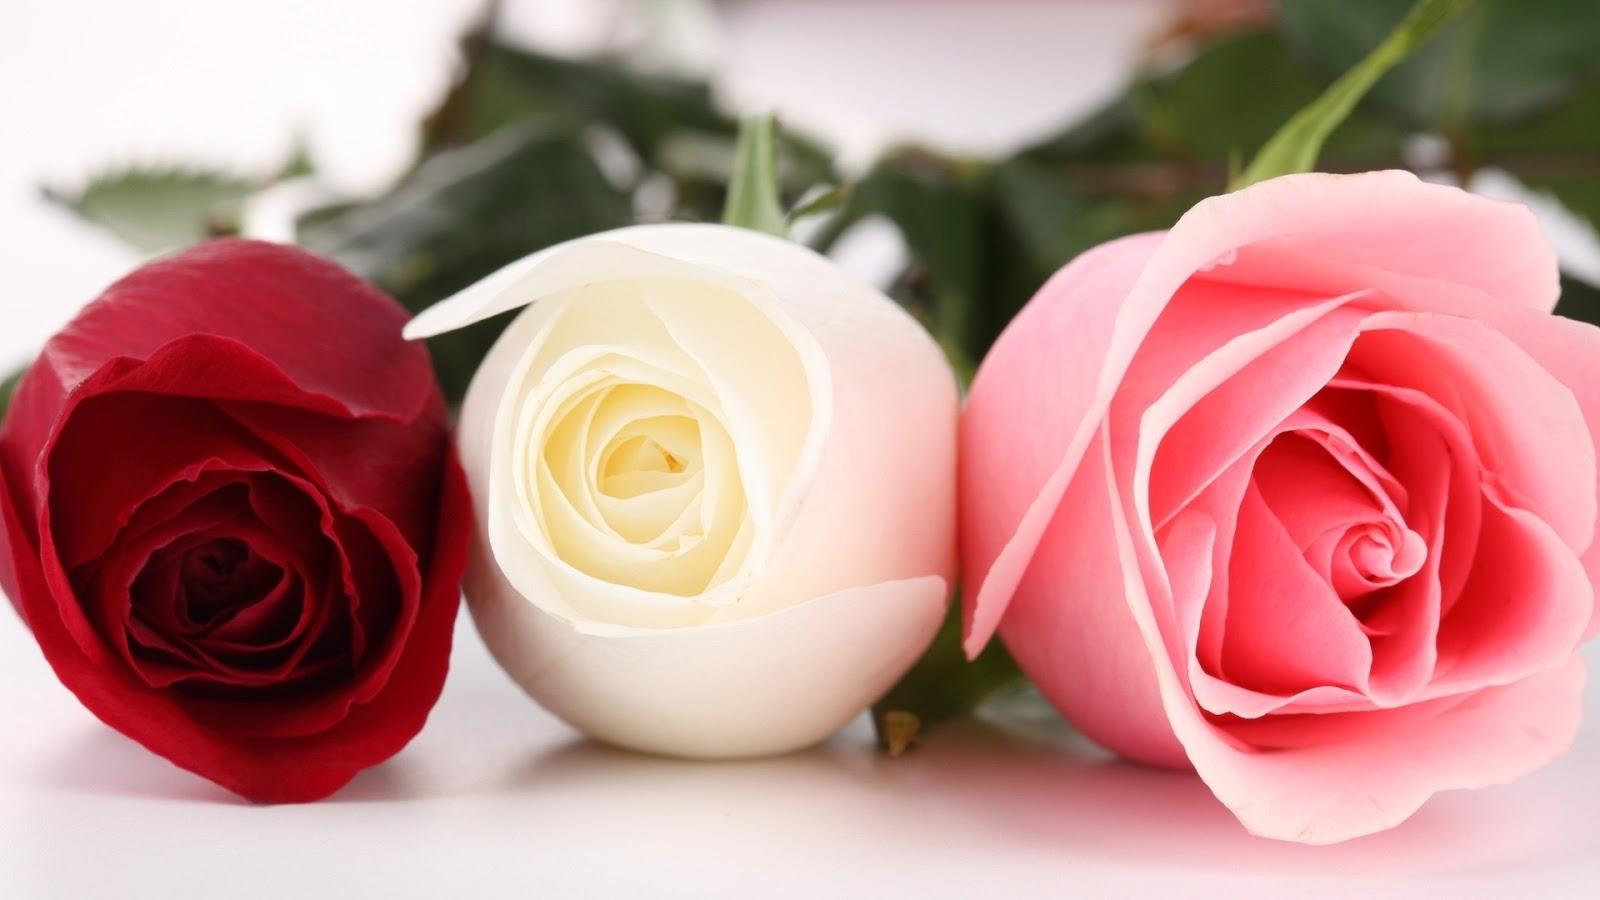 Ravishment: Beautiful Roses HD Desktop Wallpapers in 1080p